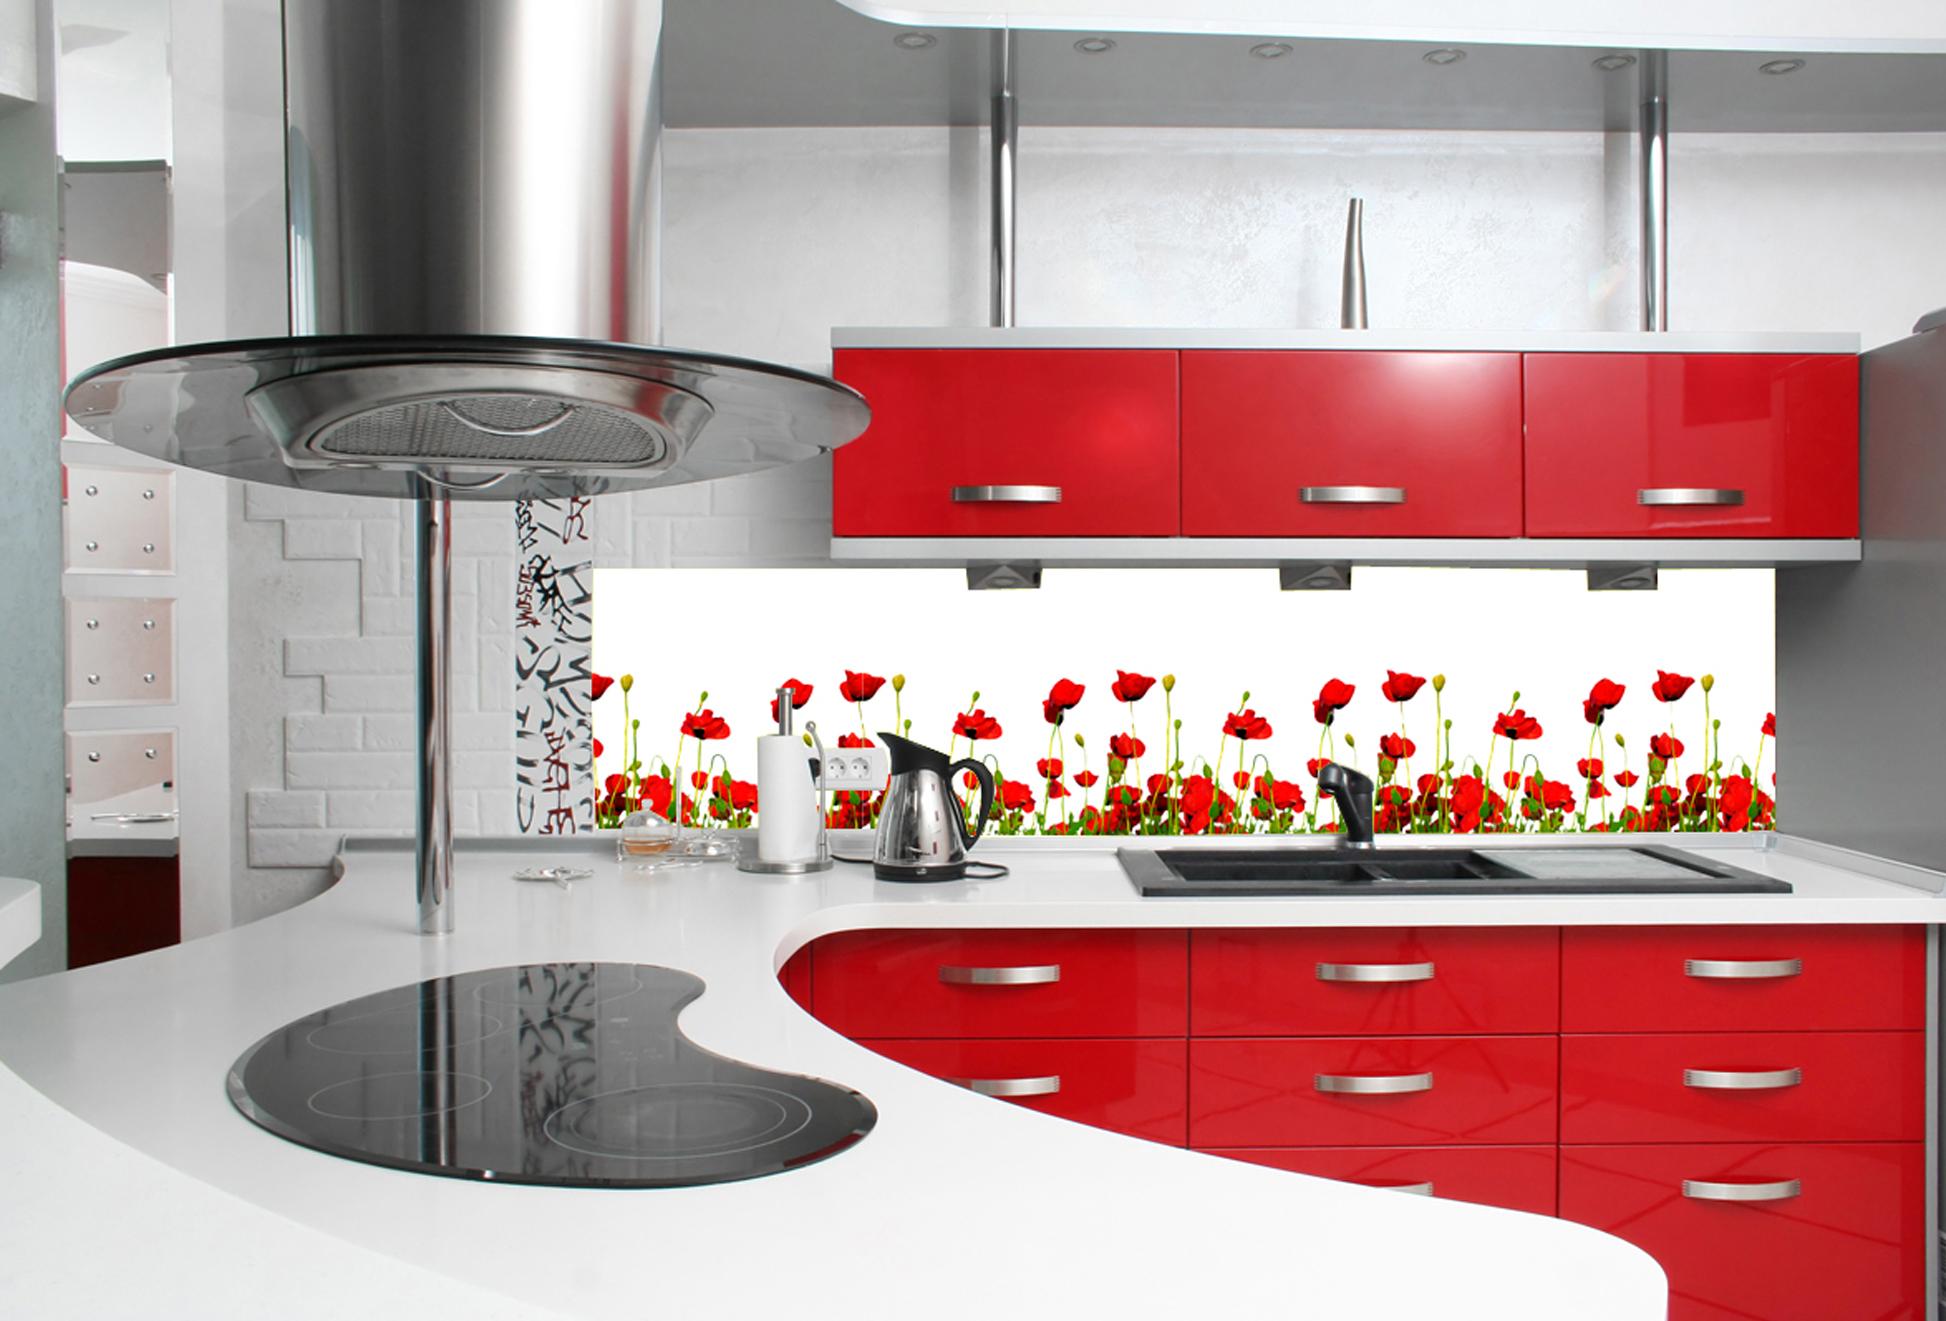 Piastrelle Cucina Con Fiori serglasstyle porte in cristallo veneto porte tuttovetro